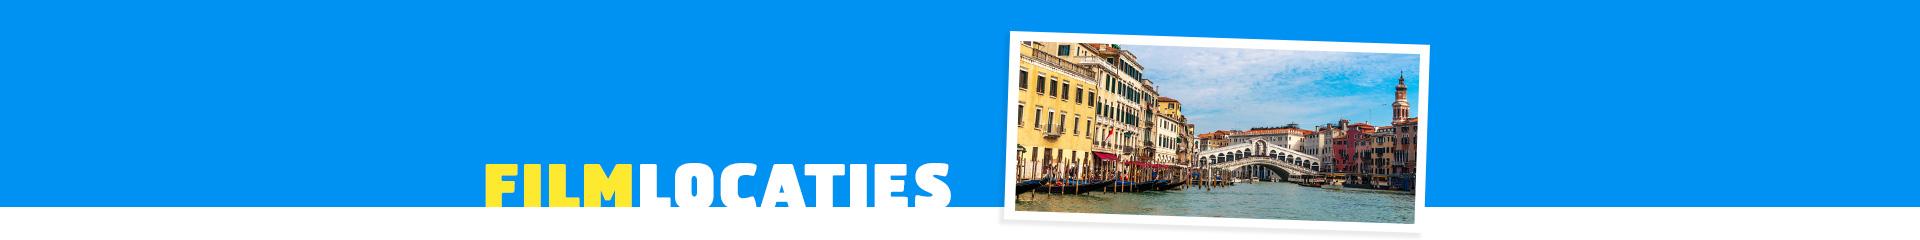 Filmlocatie The Tourist - het prachtige Venetië